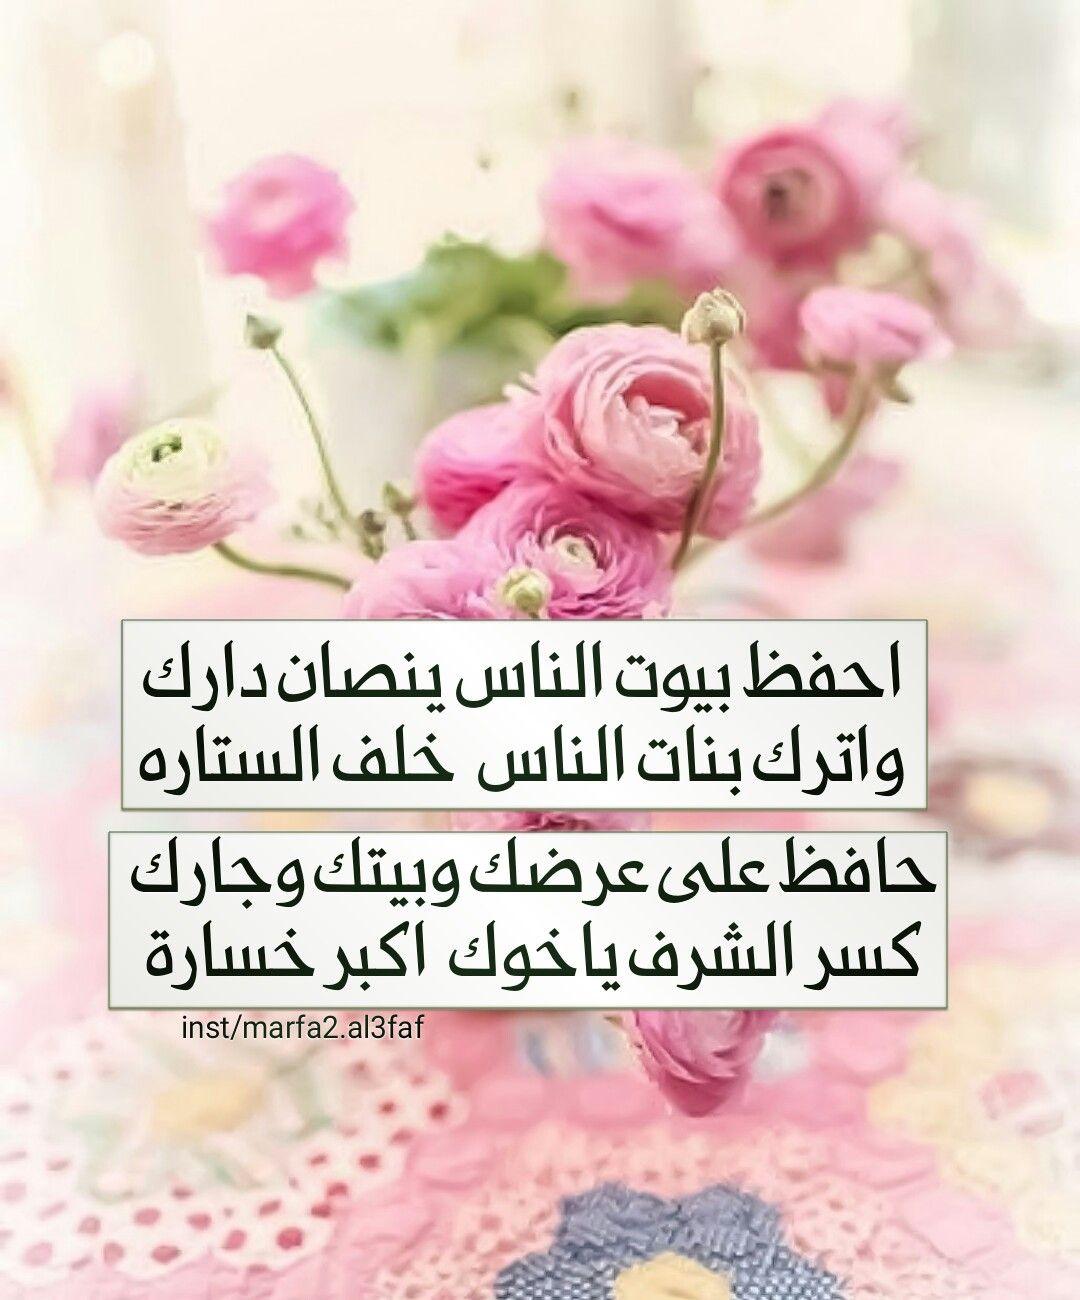 Pin By Um Ahmad On الصباح والمساء